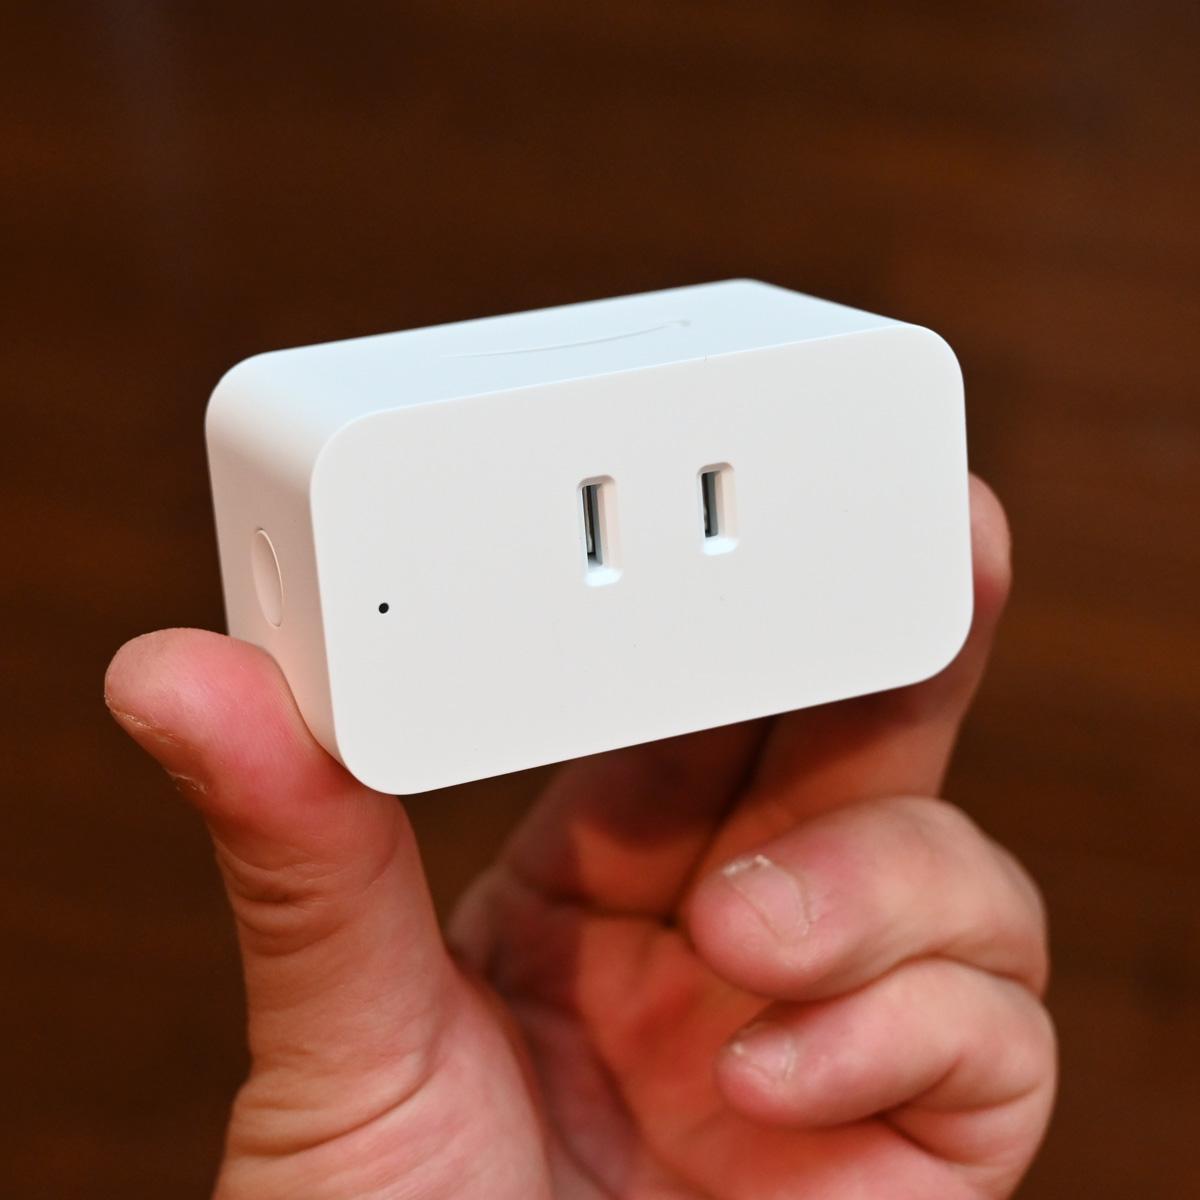 他社に比べて使い勝手はどう? 1,980円のAmazon純正スマートプラグ「Amazon Smart Plug」を試した